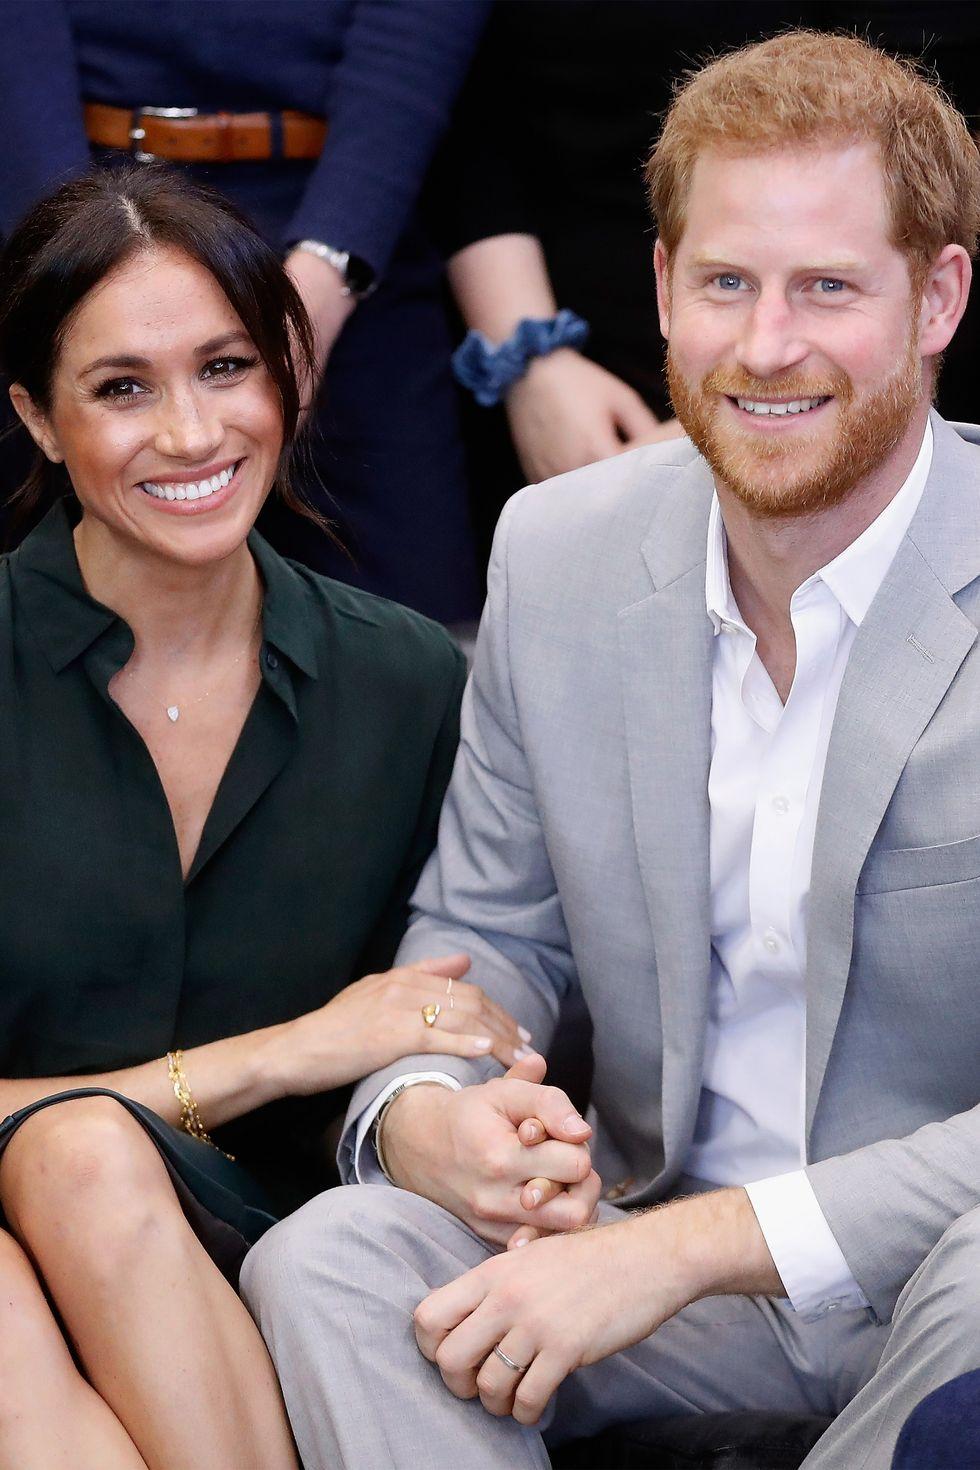 Điểm lại 30 cặp đôi có ảnh hưởng nhất thế giới hiện nay